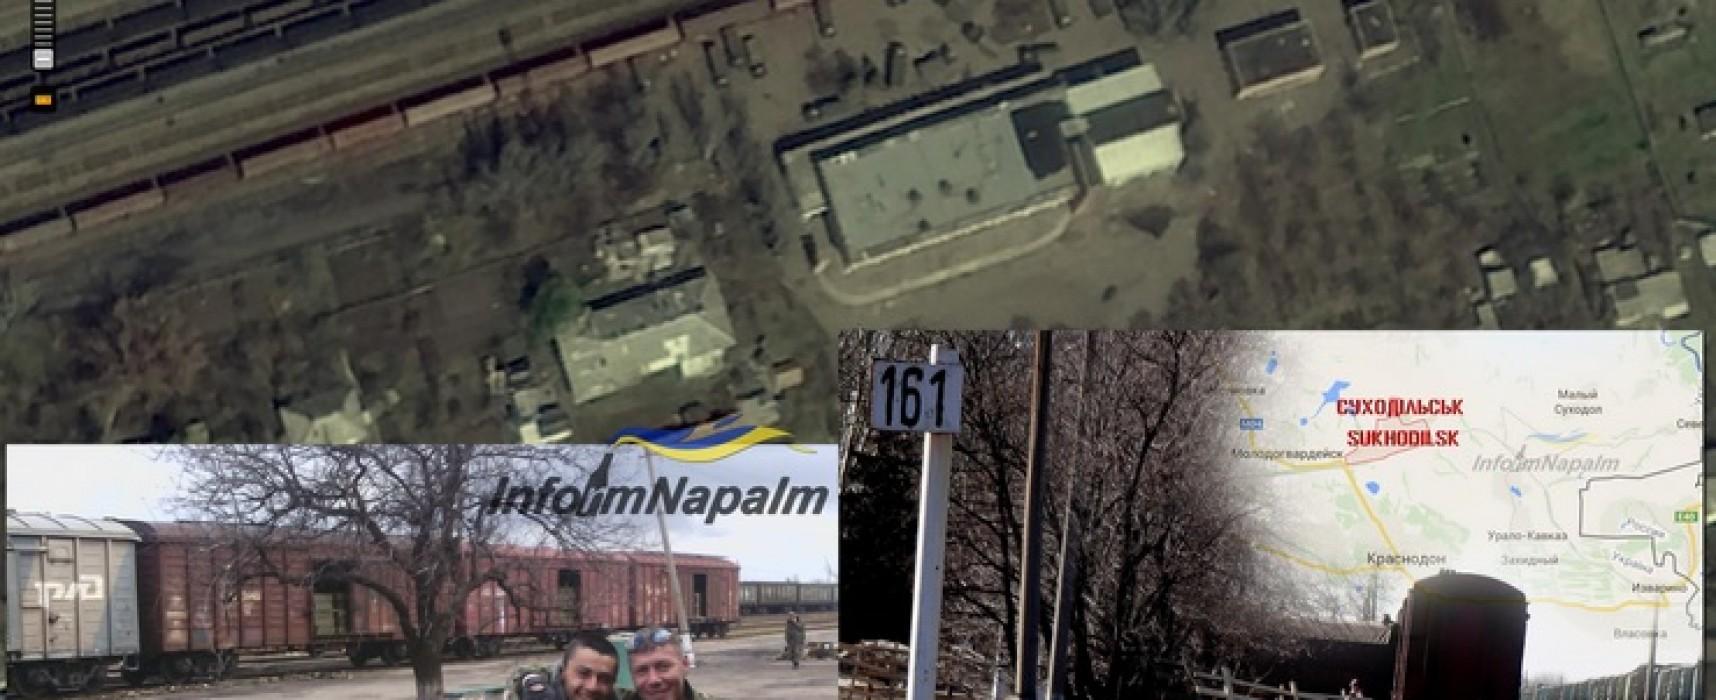 ИнформНапалм: Яндекс.Карты на службе у киевской Хунты